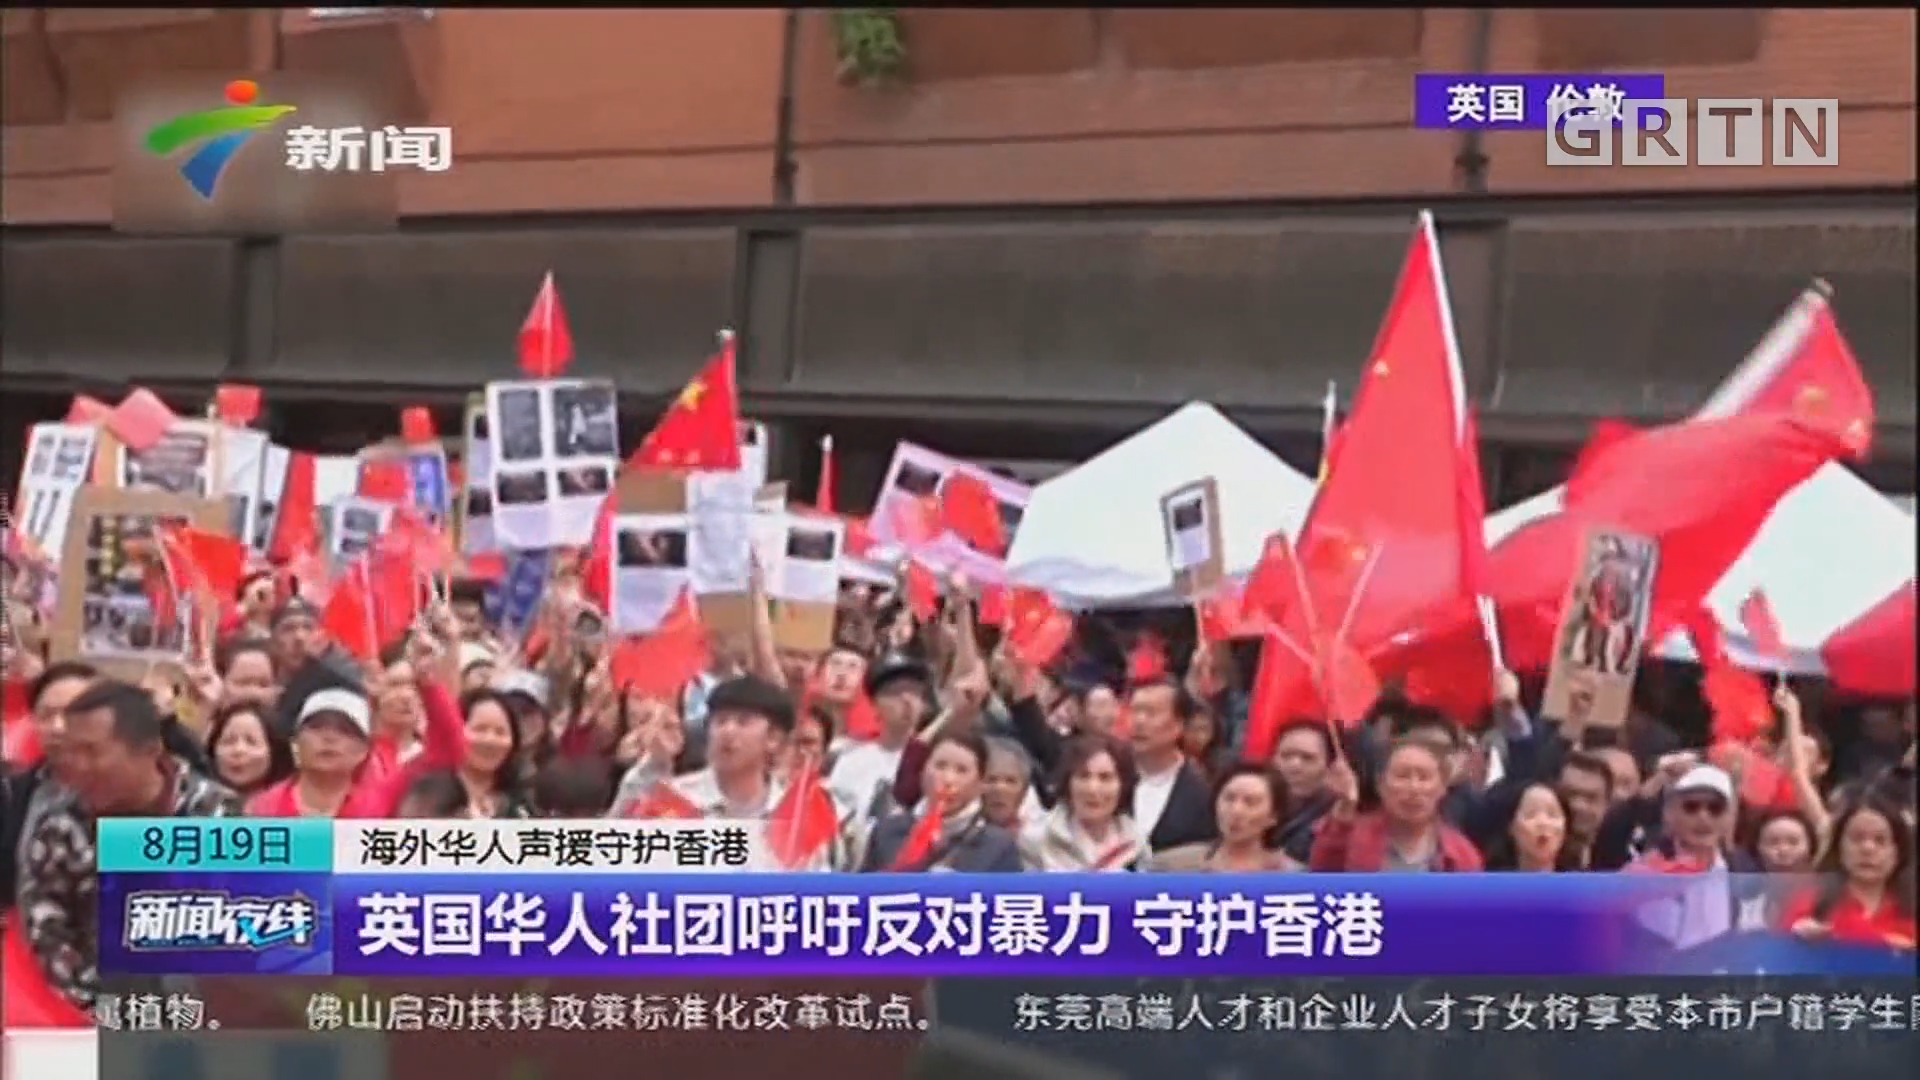 海外华人声援守护香港:英国华人社团呼吁反对暴力 守护香港